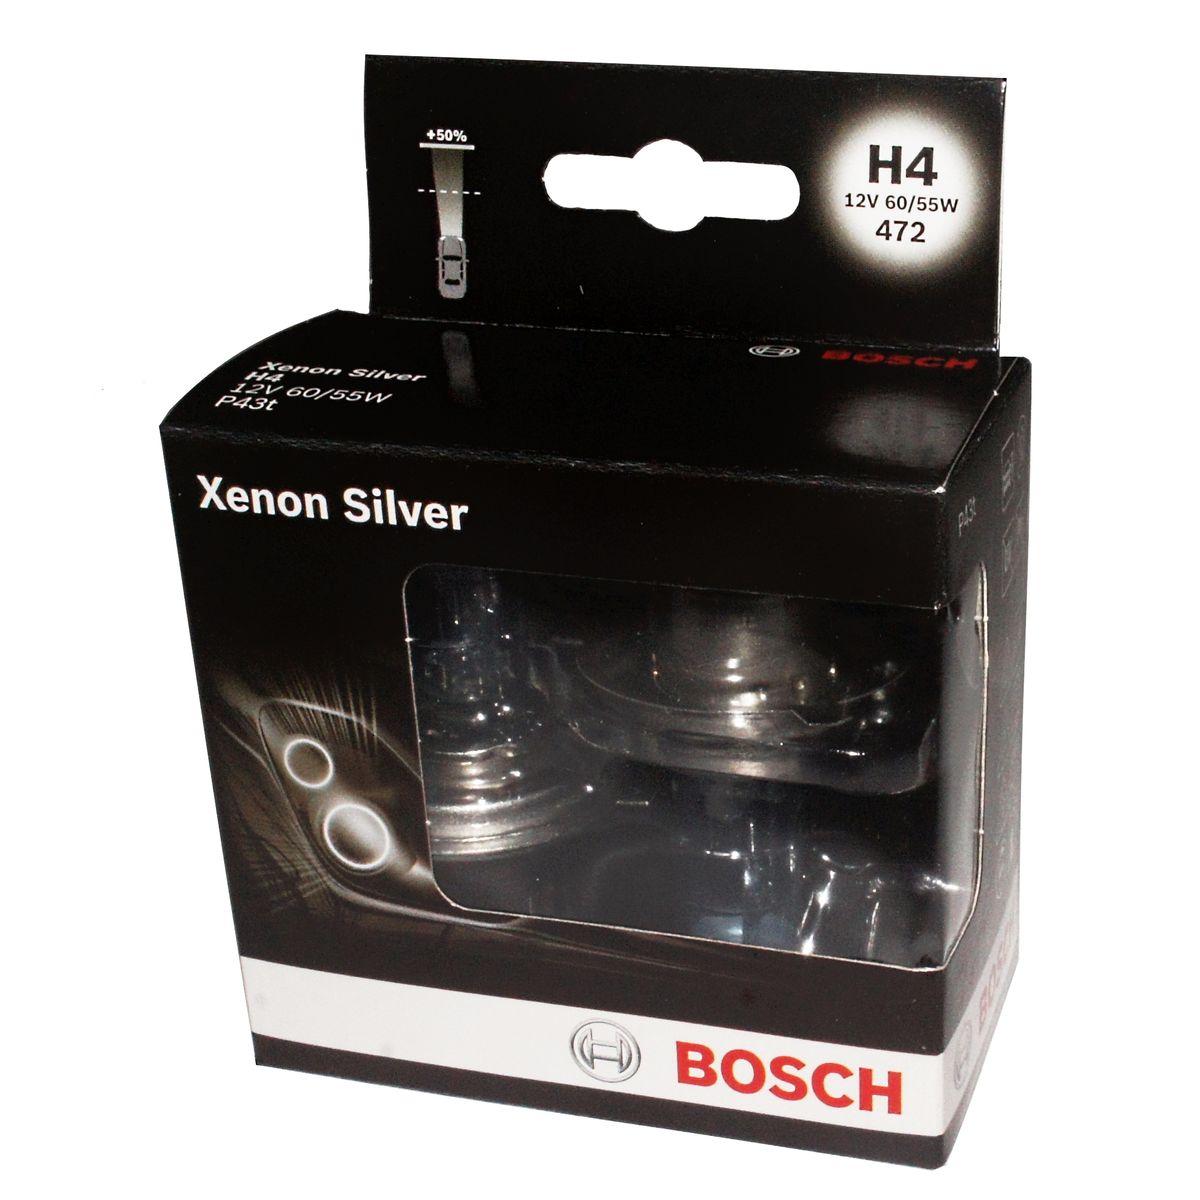 Лампа Bosch H7 Xenon Silver 2шт. 19873010871987301087Новые лампы Bosch для галогенных фар освещают дорогу интенсивным белым светом, который очень близок по свойствам к дневному освещению.Благодаря этому глаза водителя не теряют фокусировки и меньше устают даже во время долгих поездок в темное время суток. Новые лампы отличаются высокой яркостью и могут давать до 50% больше света, чем стандартные галогенные фары. Лампы Bosch доступны в вариантах H1, H4 и H7. Серебряное покрытие ламп H4 и H7 делает их едва заметными за стеклами выключенных фар. Новые лампы выглядят наиболее эффектно в сочетании с фарами из прозрачного стекла и подчеркивают современный дизайн автомобилей. Увеличенная яркость и дальность освещения положительно сказывается на безопасности движения. В темное время суток или в сложных погодных условиях, таких как ливень или густой туман, водитель замечает опасную ситуацию намного раньше и на большем расстоянии, при этом лучше заметен и сам автомобиль с фарами Bosch. Напряжение: 12 вольт